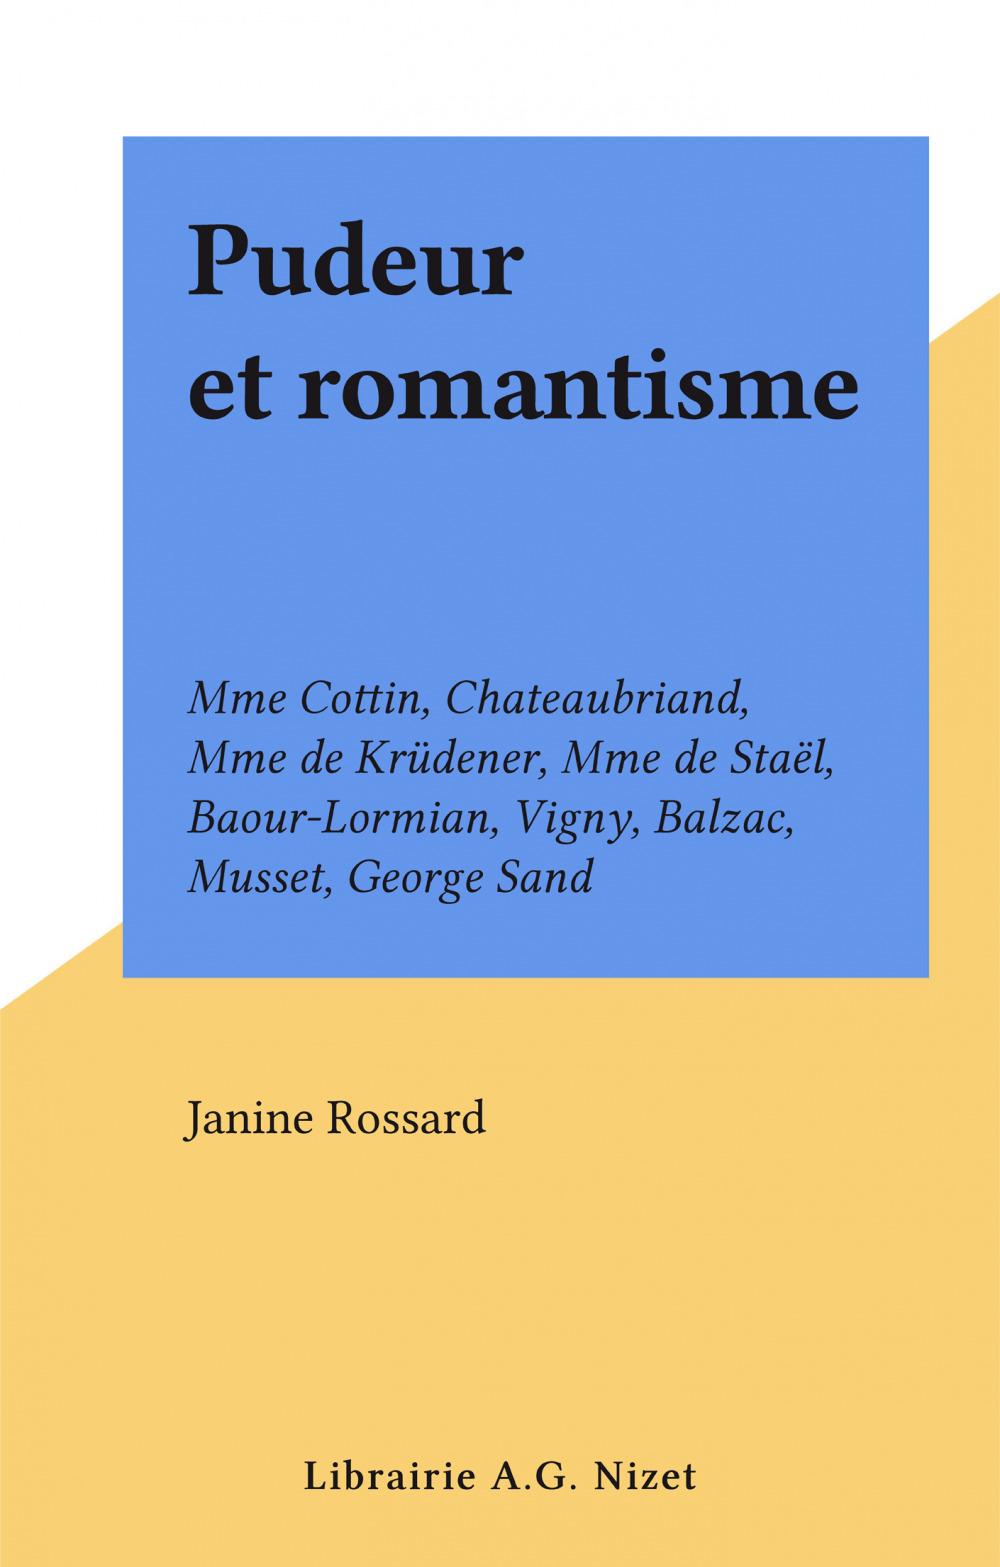 Pudeur et romantisme